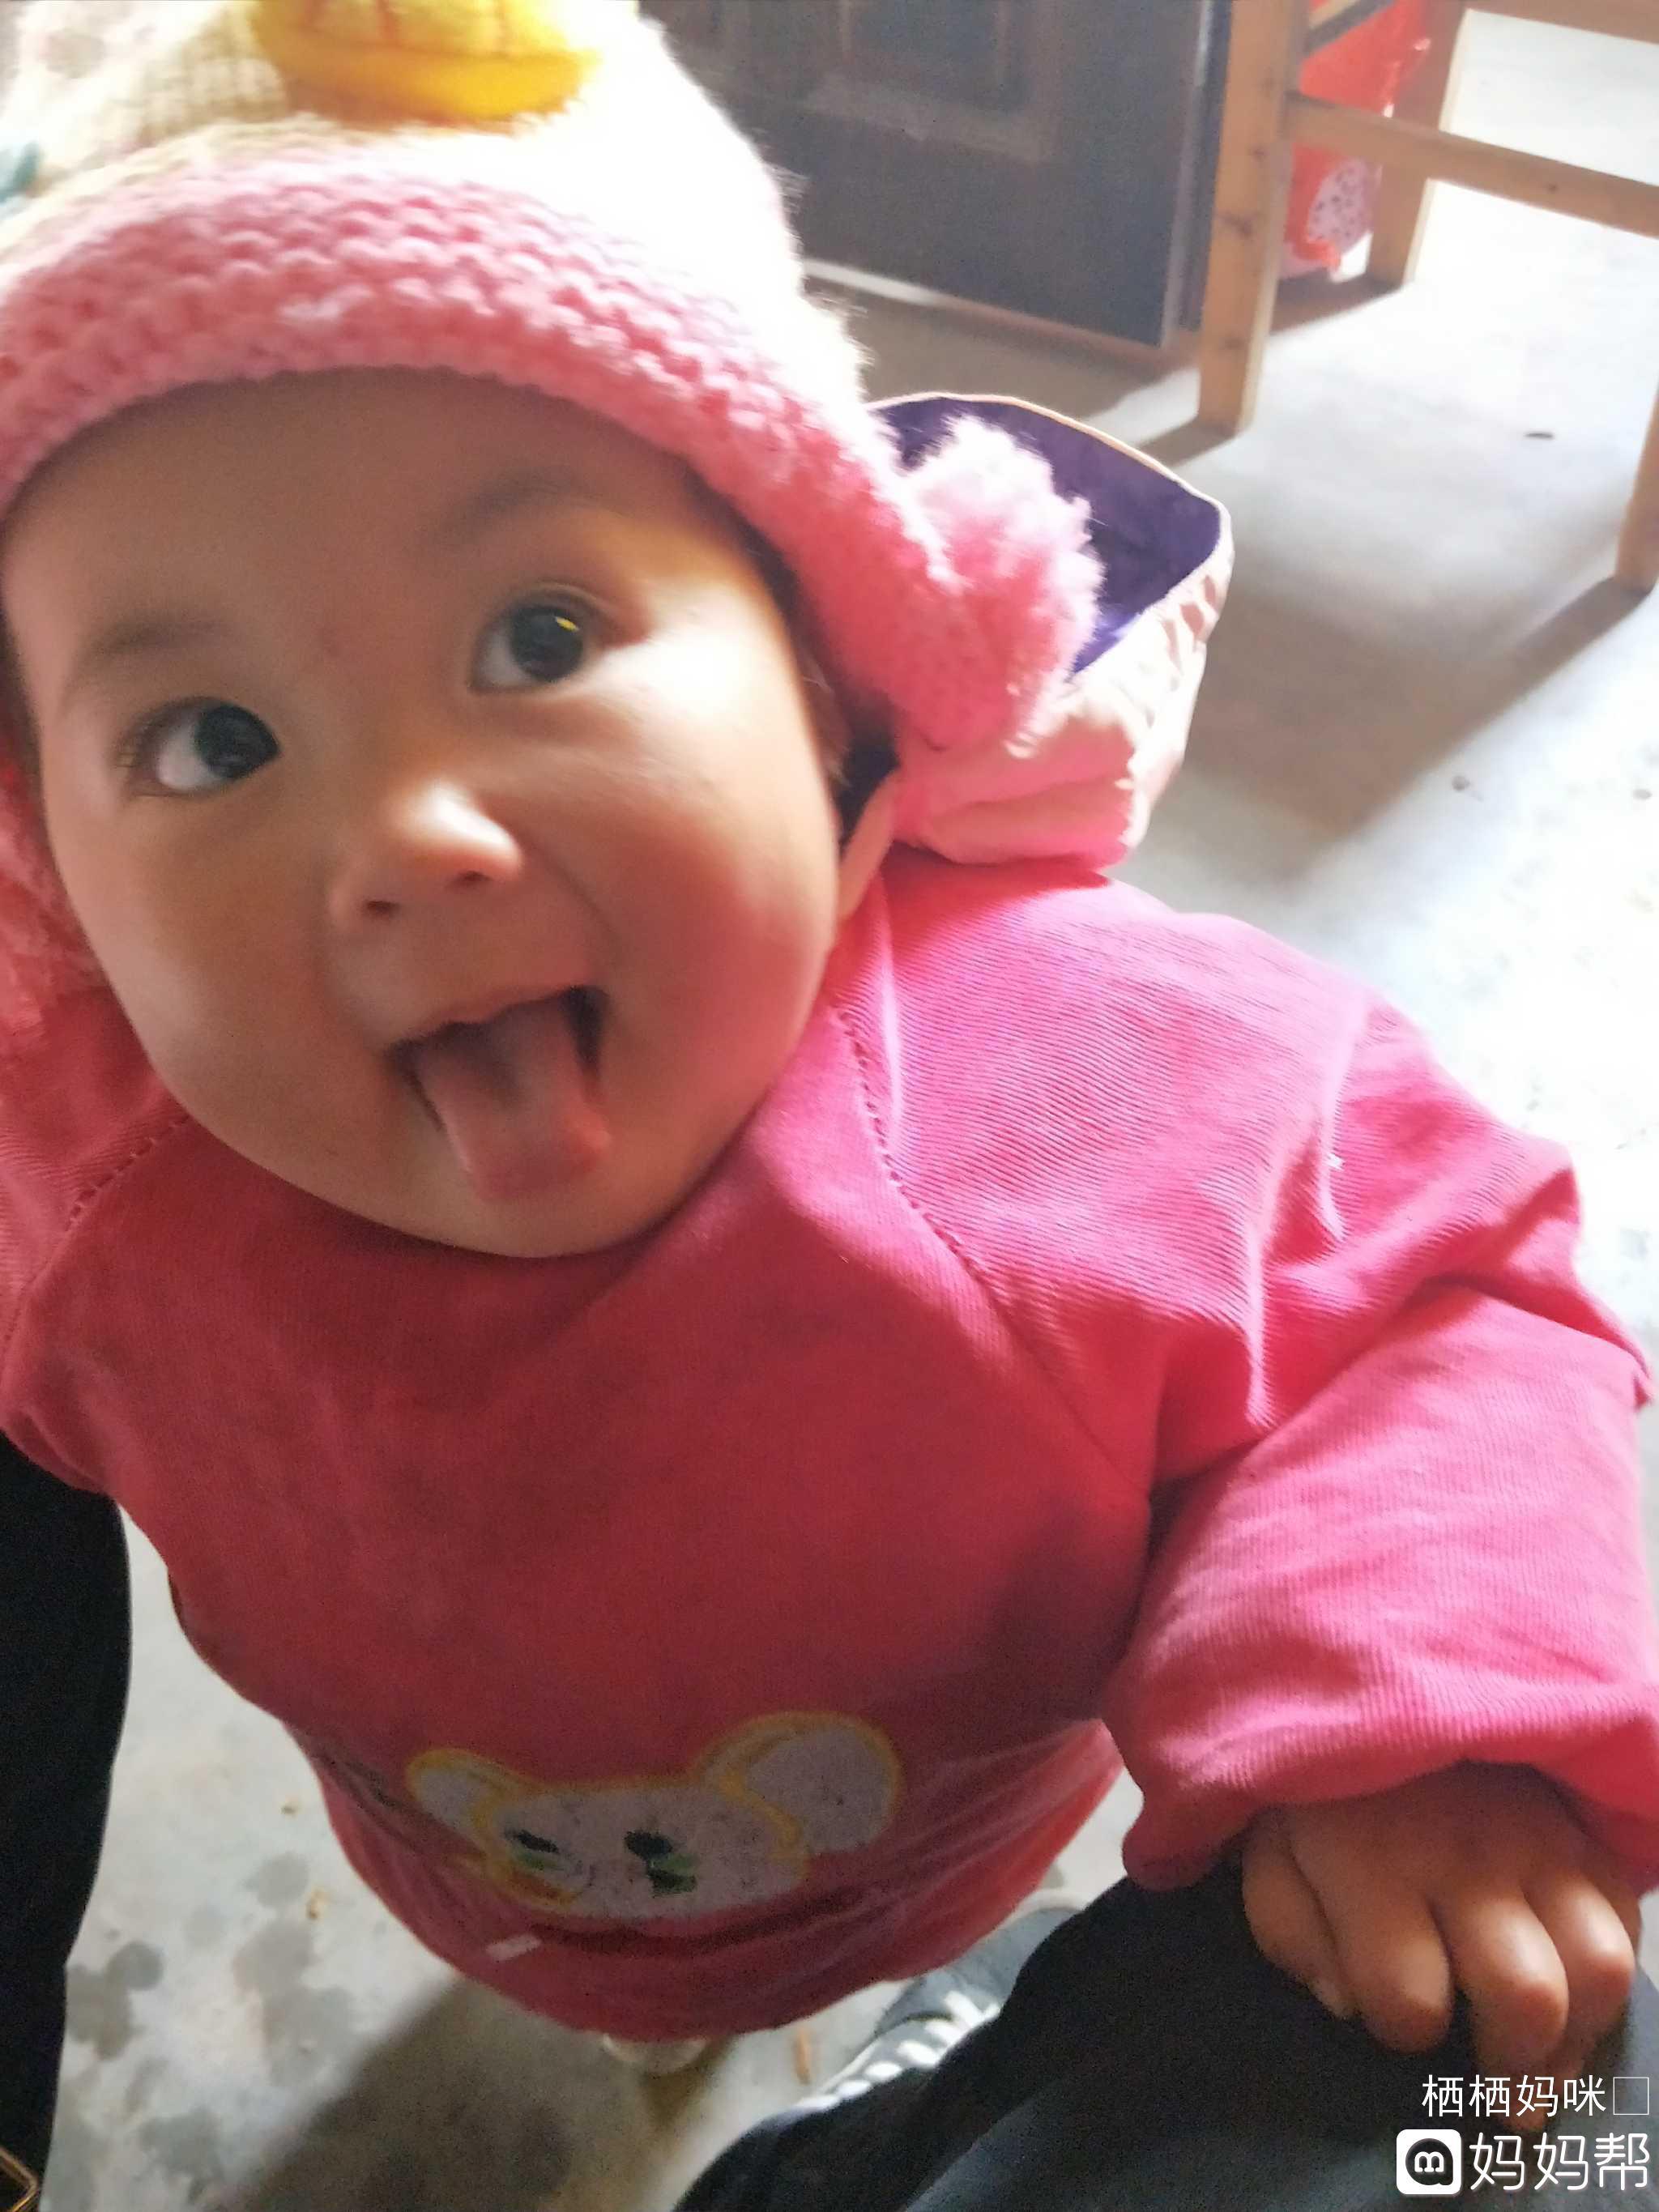 宝宝 壁纸 孩子 小孩 婴儿 2048_2731 竖版 竖屏 手机